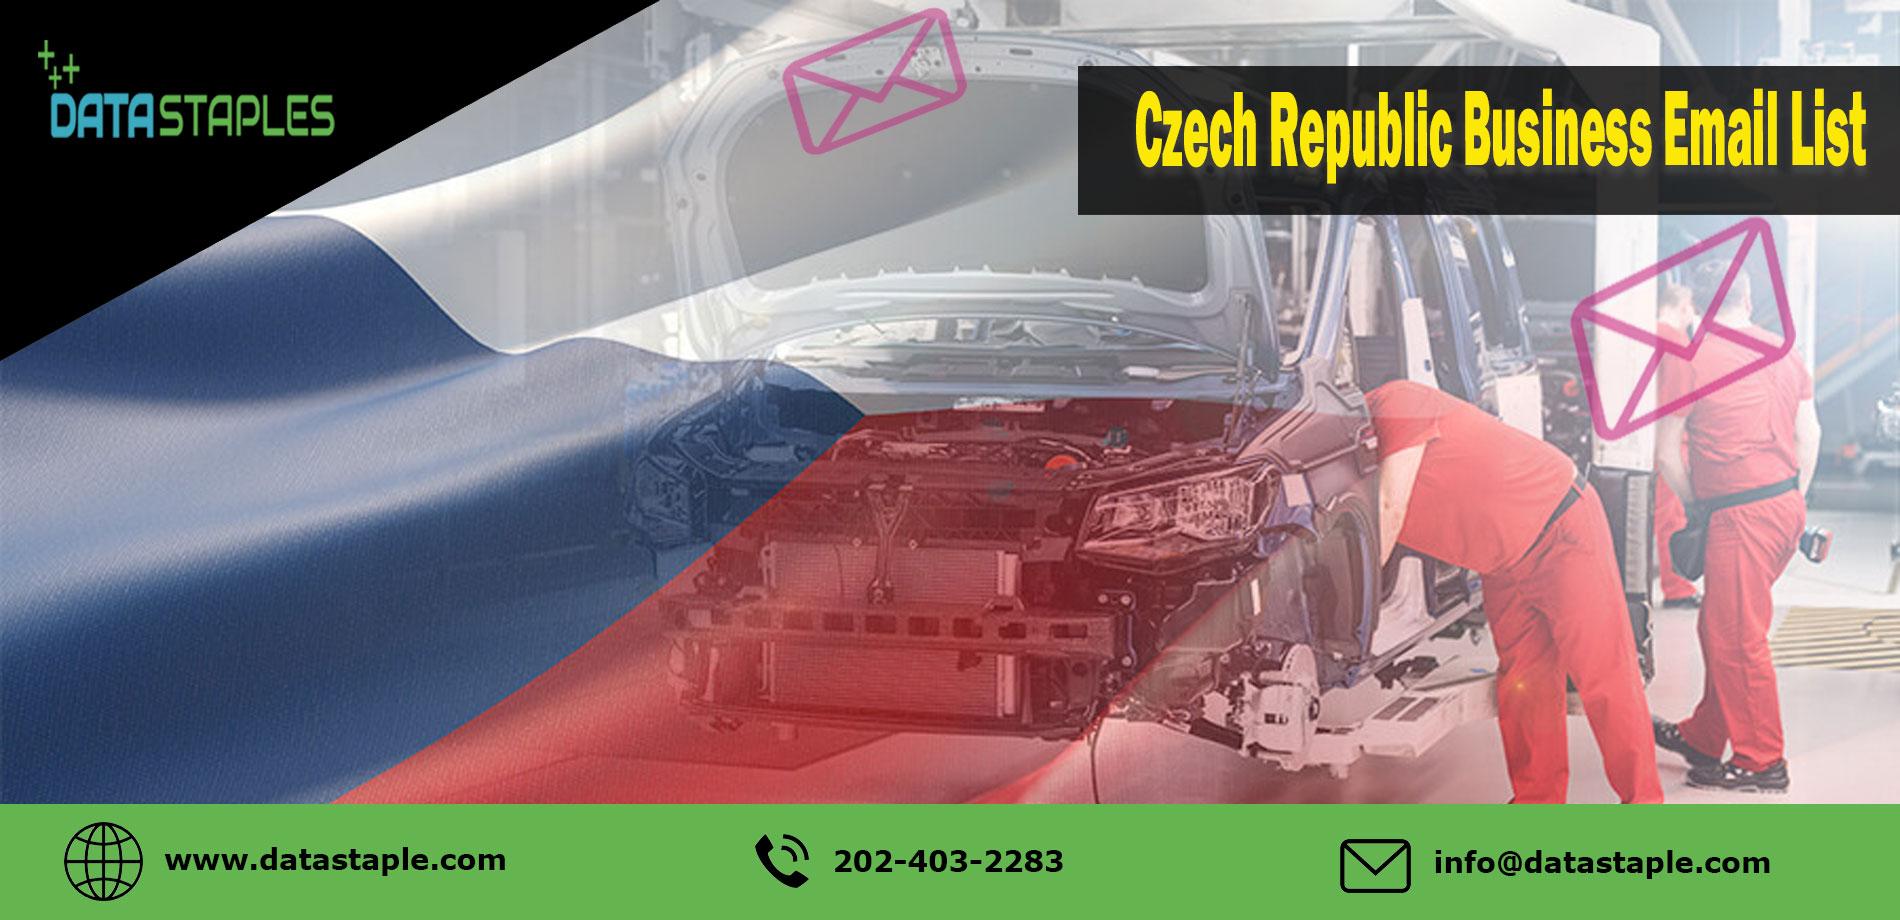 Czech Republic Business Email List | DataStaples